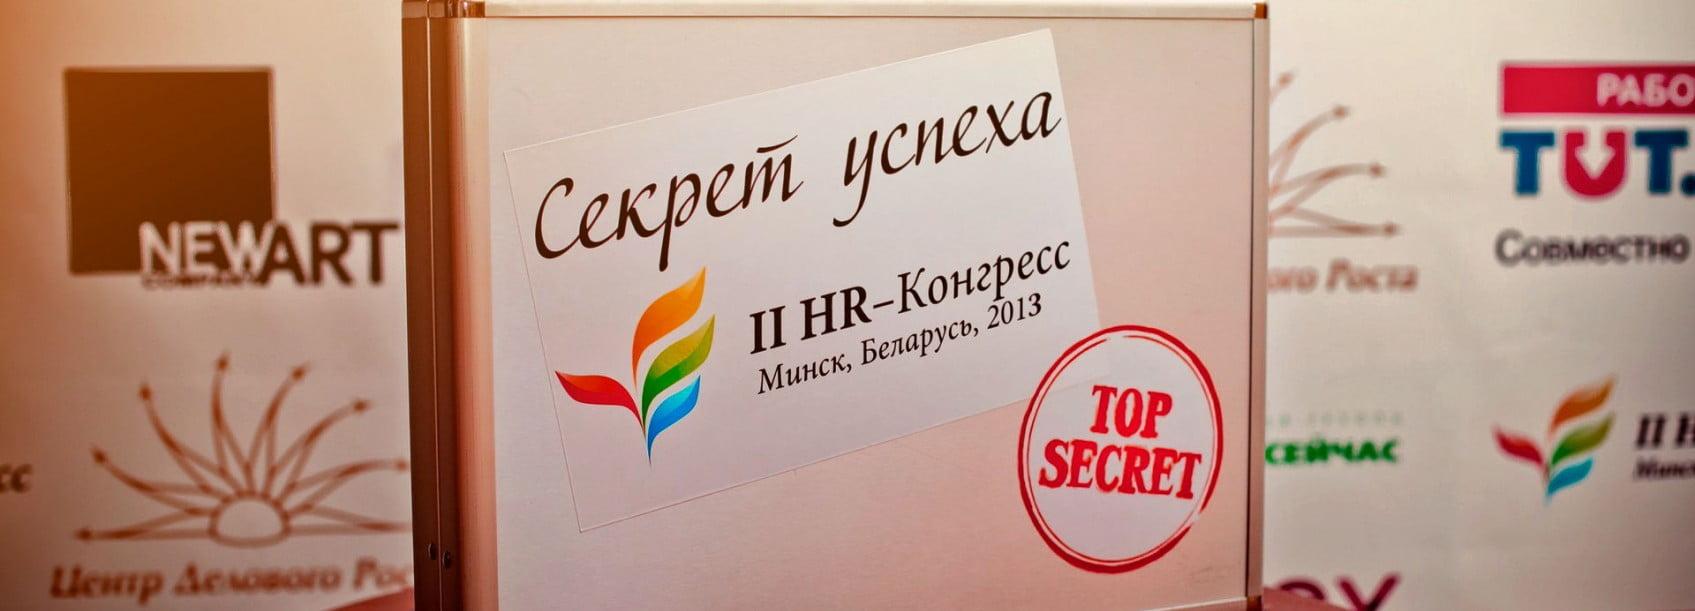 II HR-КОНГРЕСС